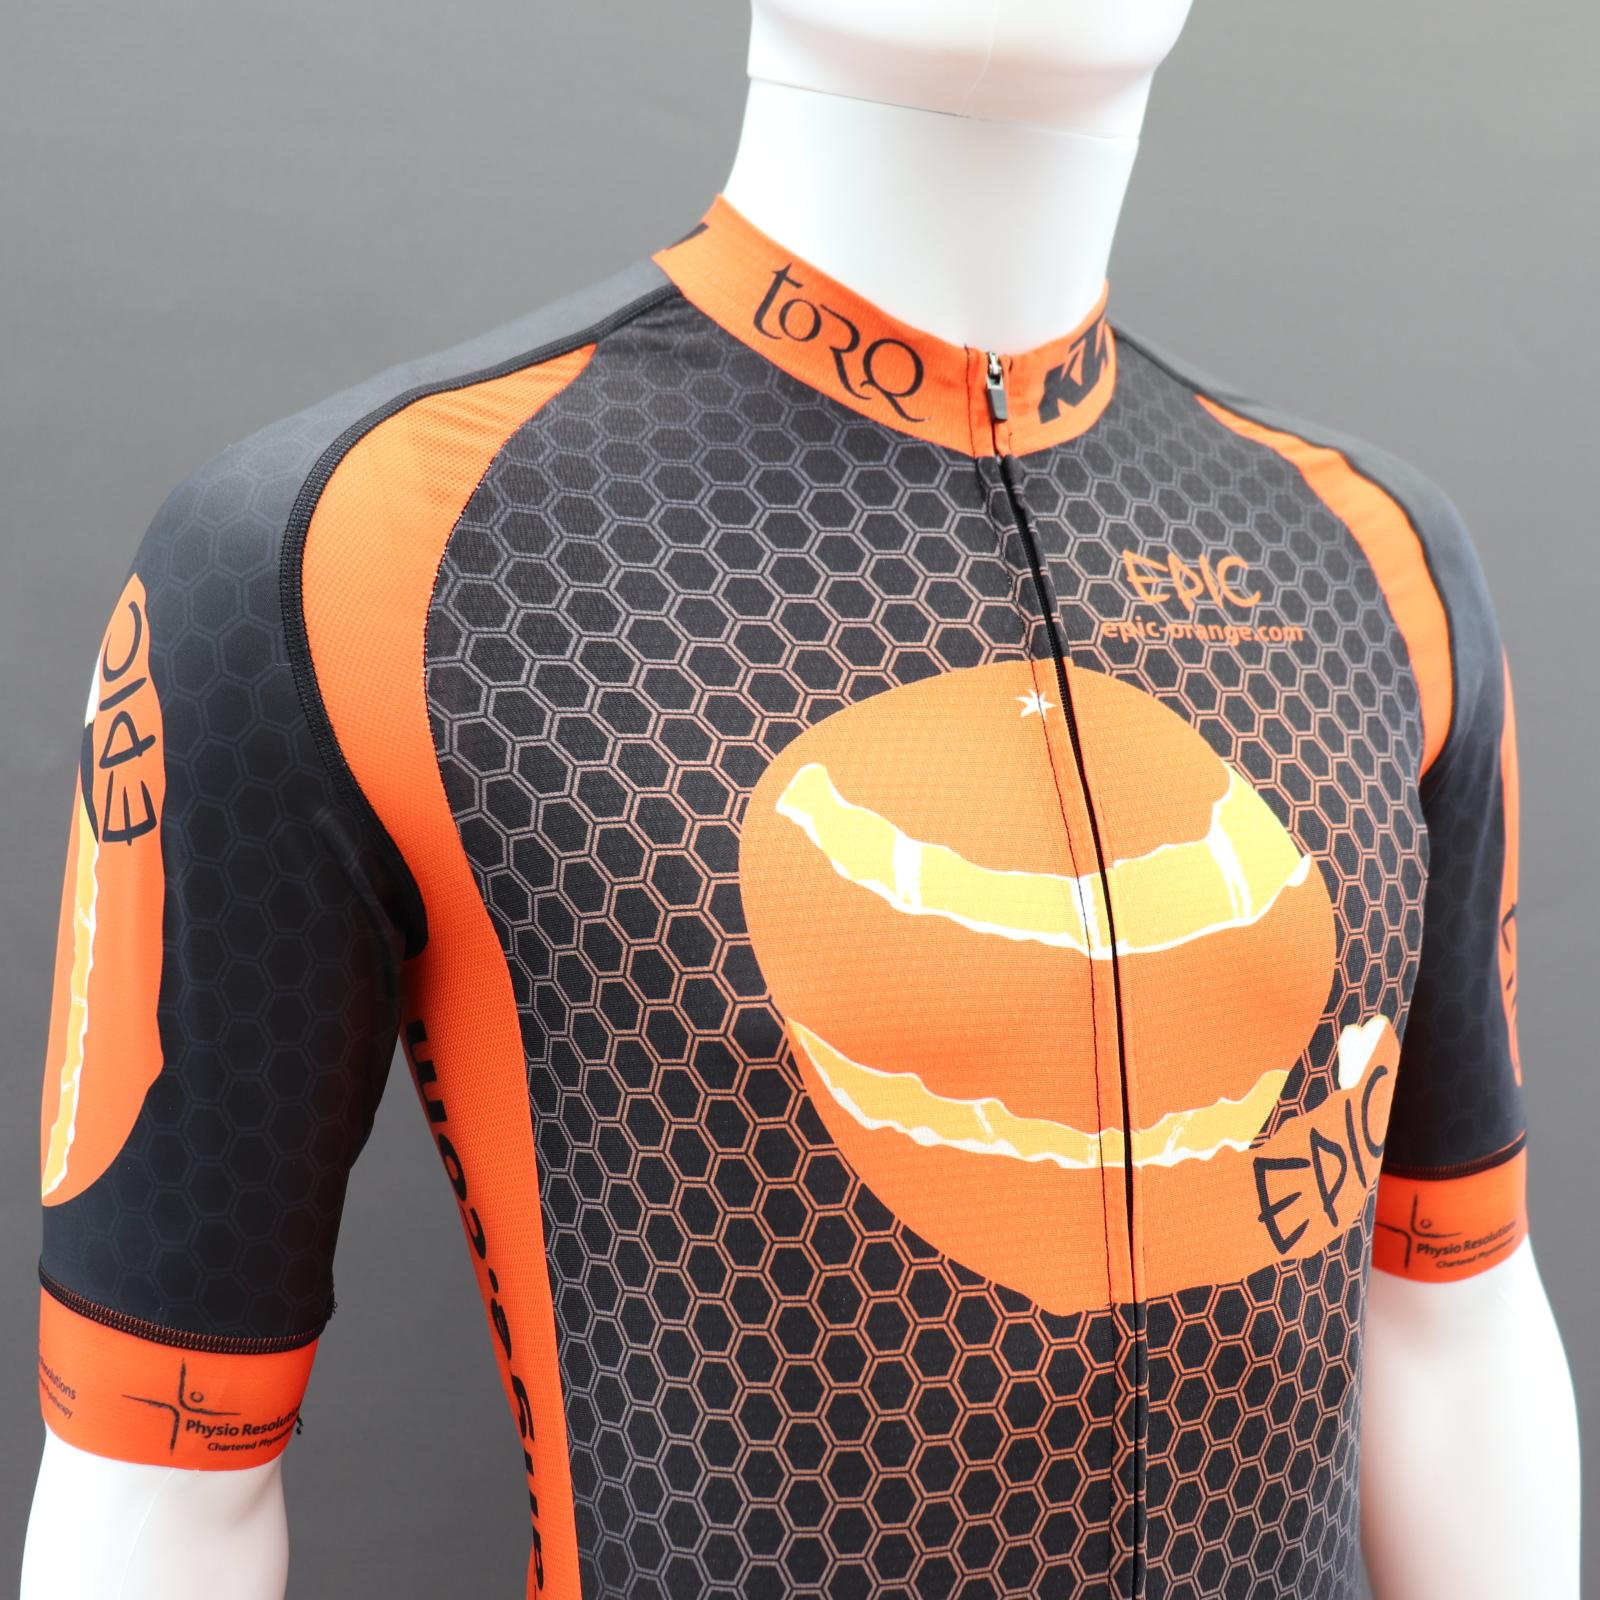 Pro Cycling Jerseys Shaped Side Panels